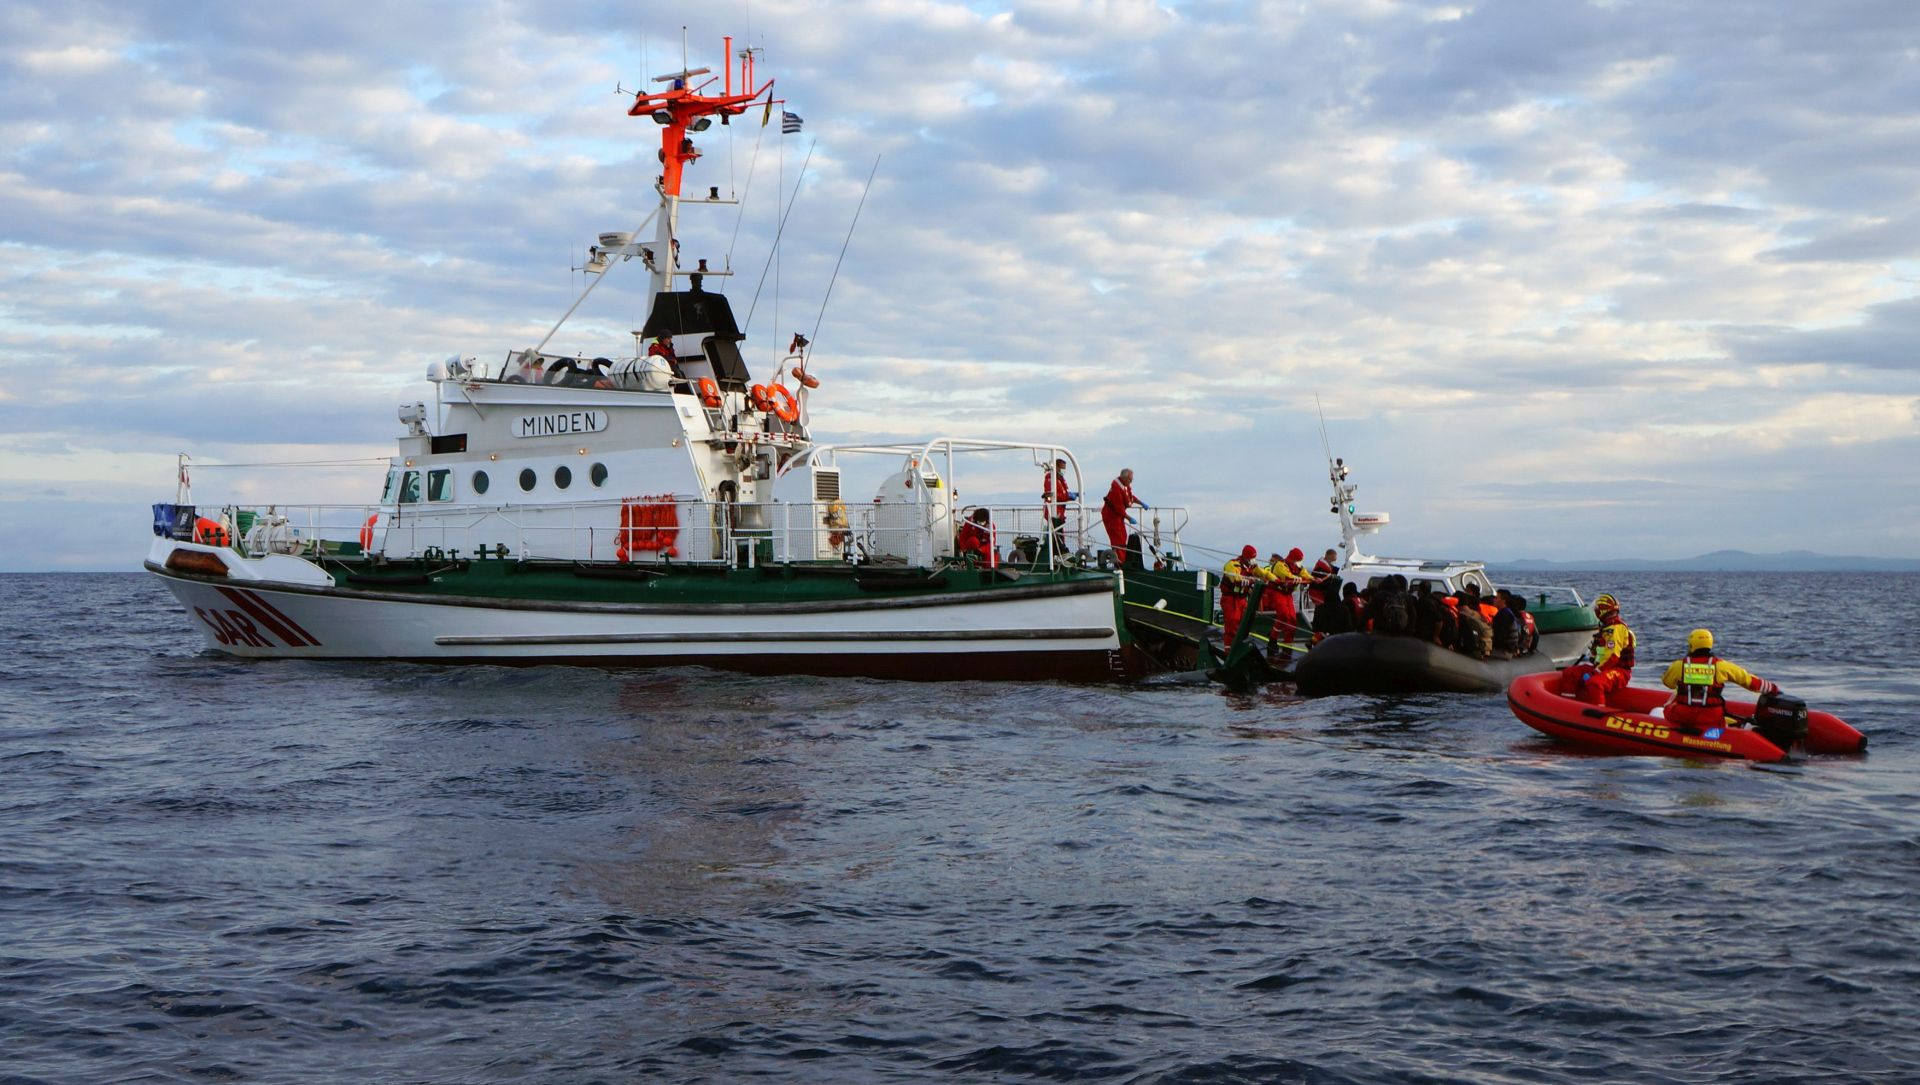 OLUJNO NEVRIJEME: Pet migranata utopilo se u Egejskom moru